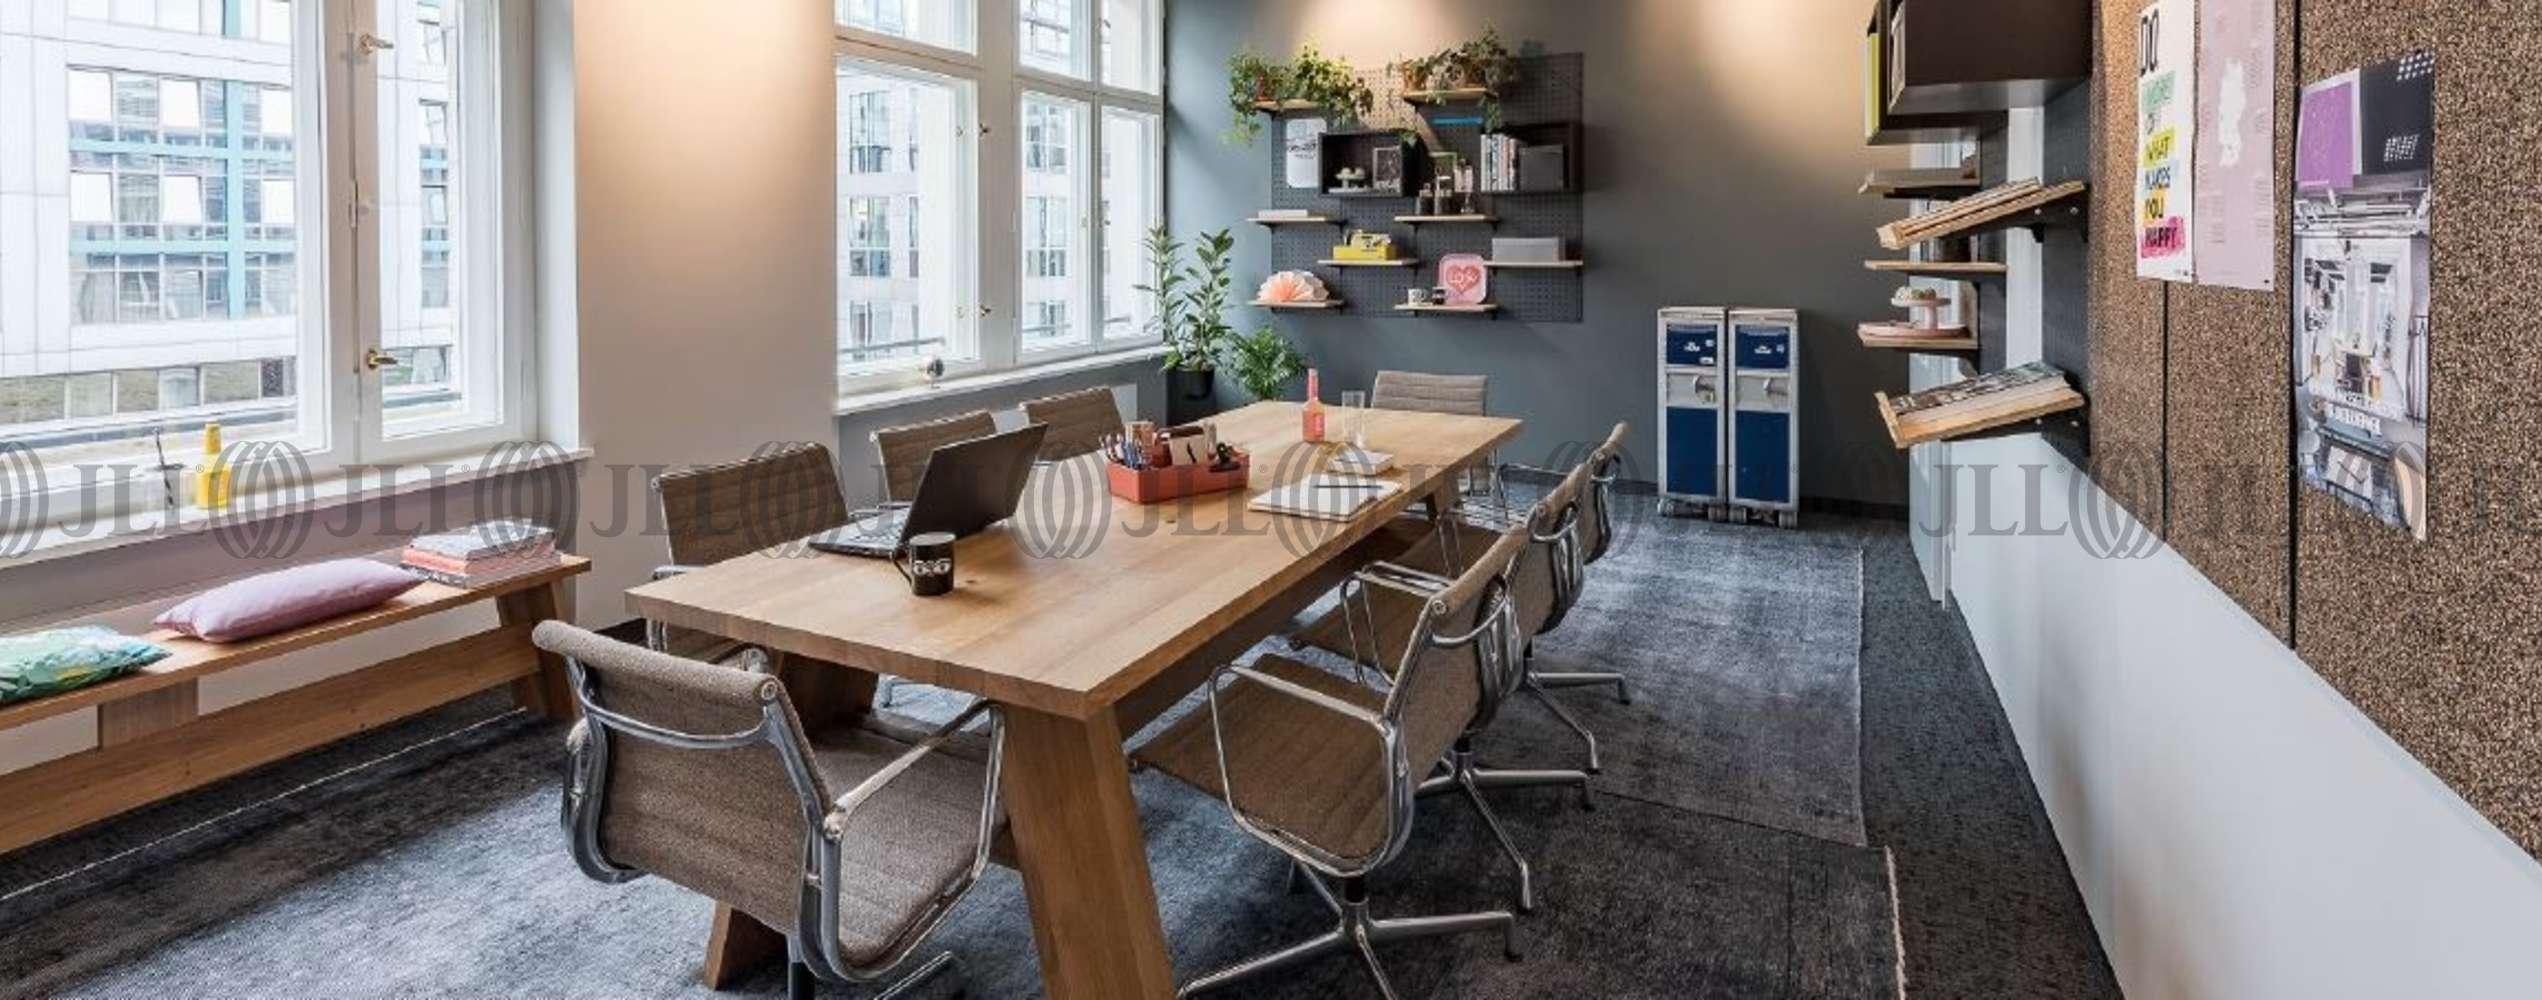 Coworking / flex office Berlin, 10117 -  Berlin - C0156